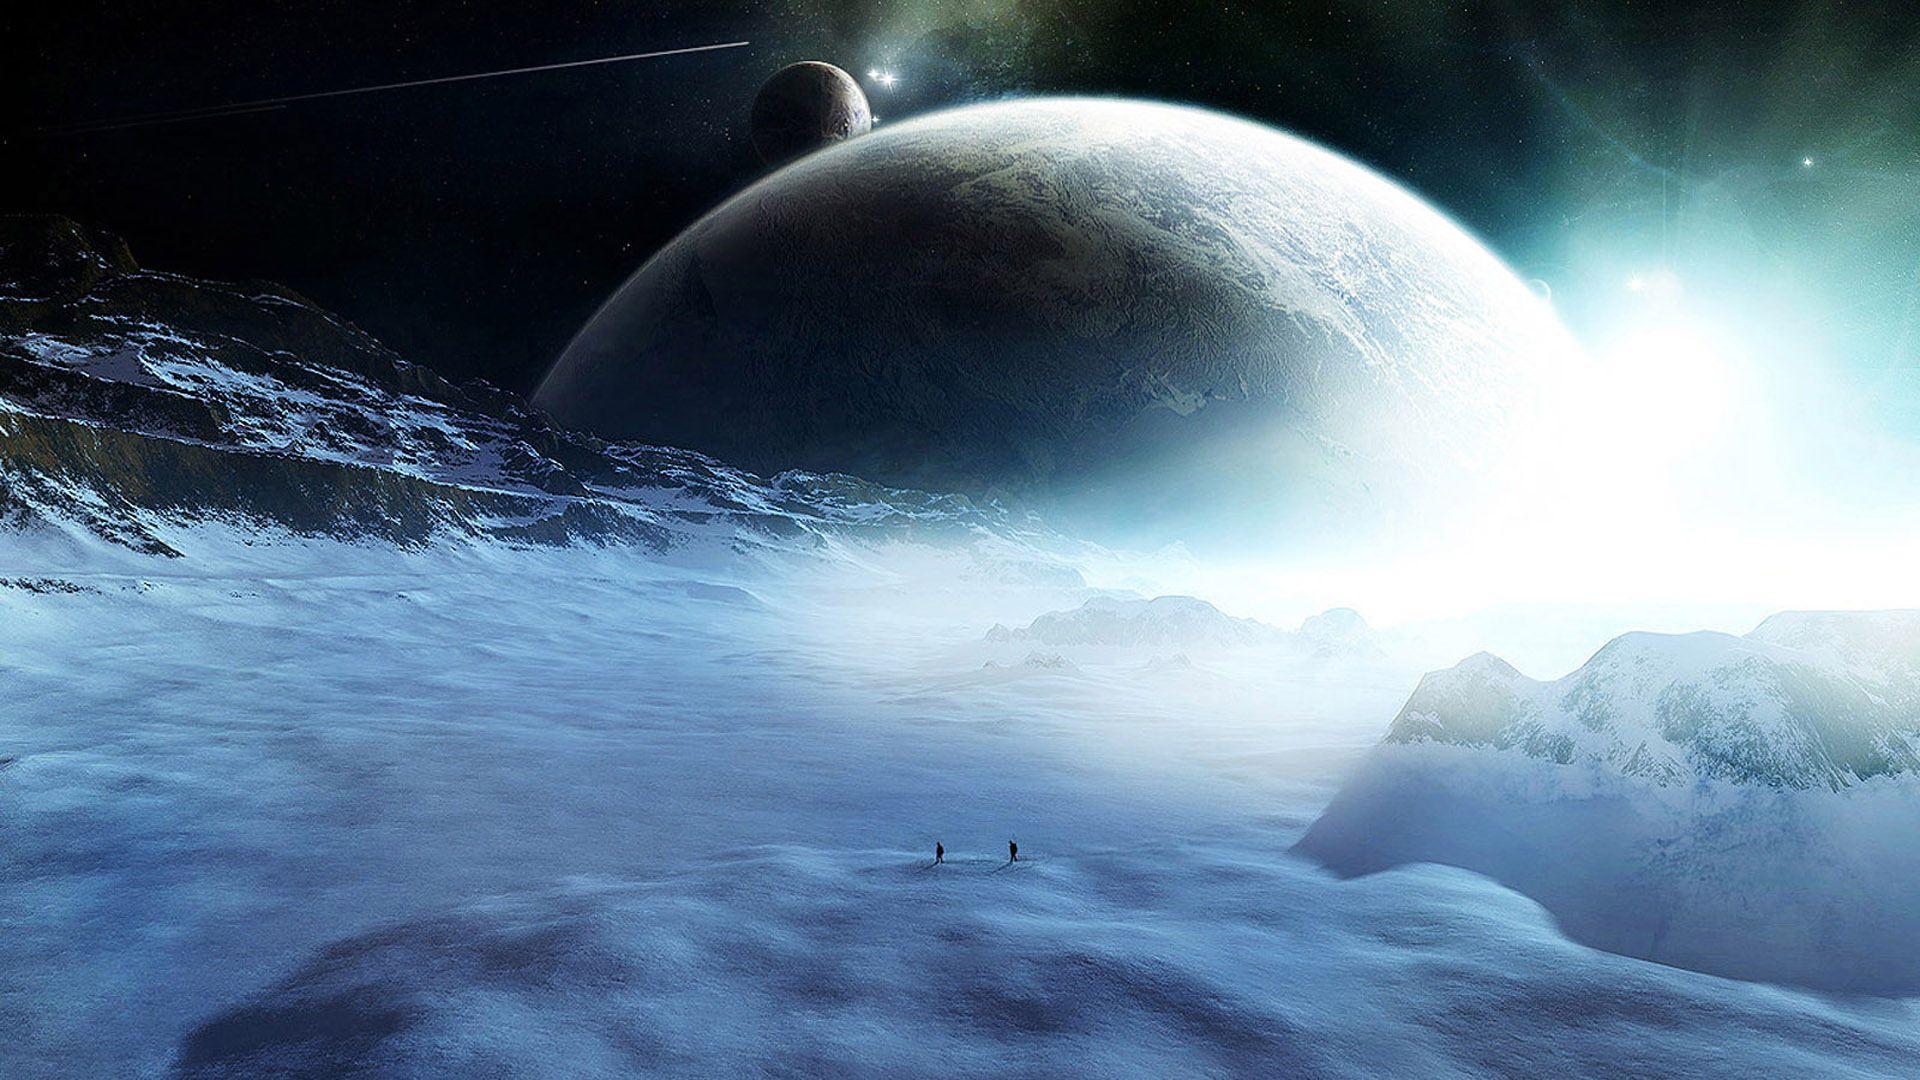 Sci Fi Space Travelers